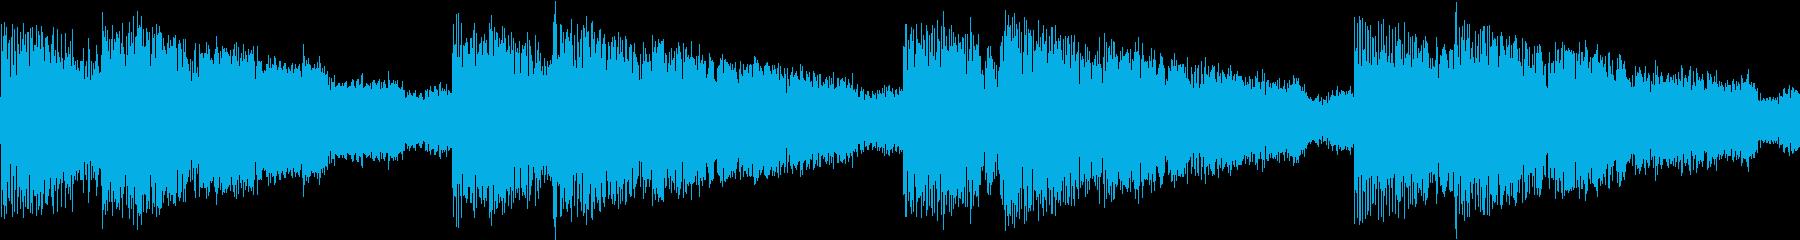 シンセ サイレン アナログ ピコピコ03の再生済みの波形